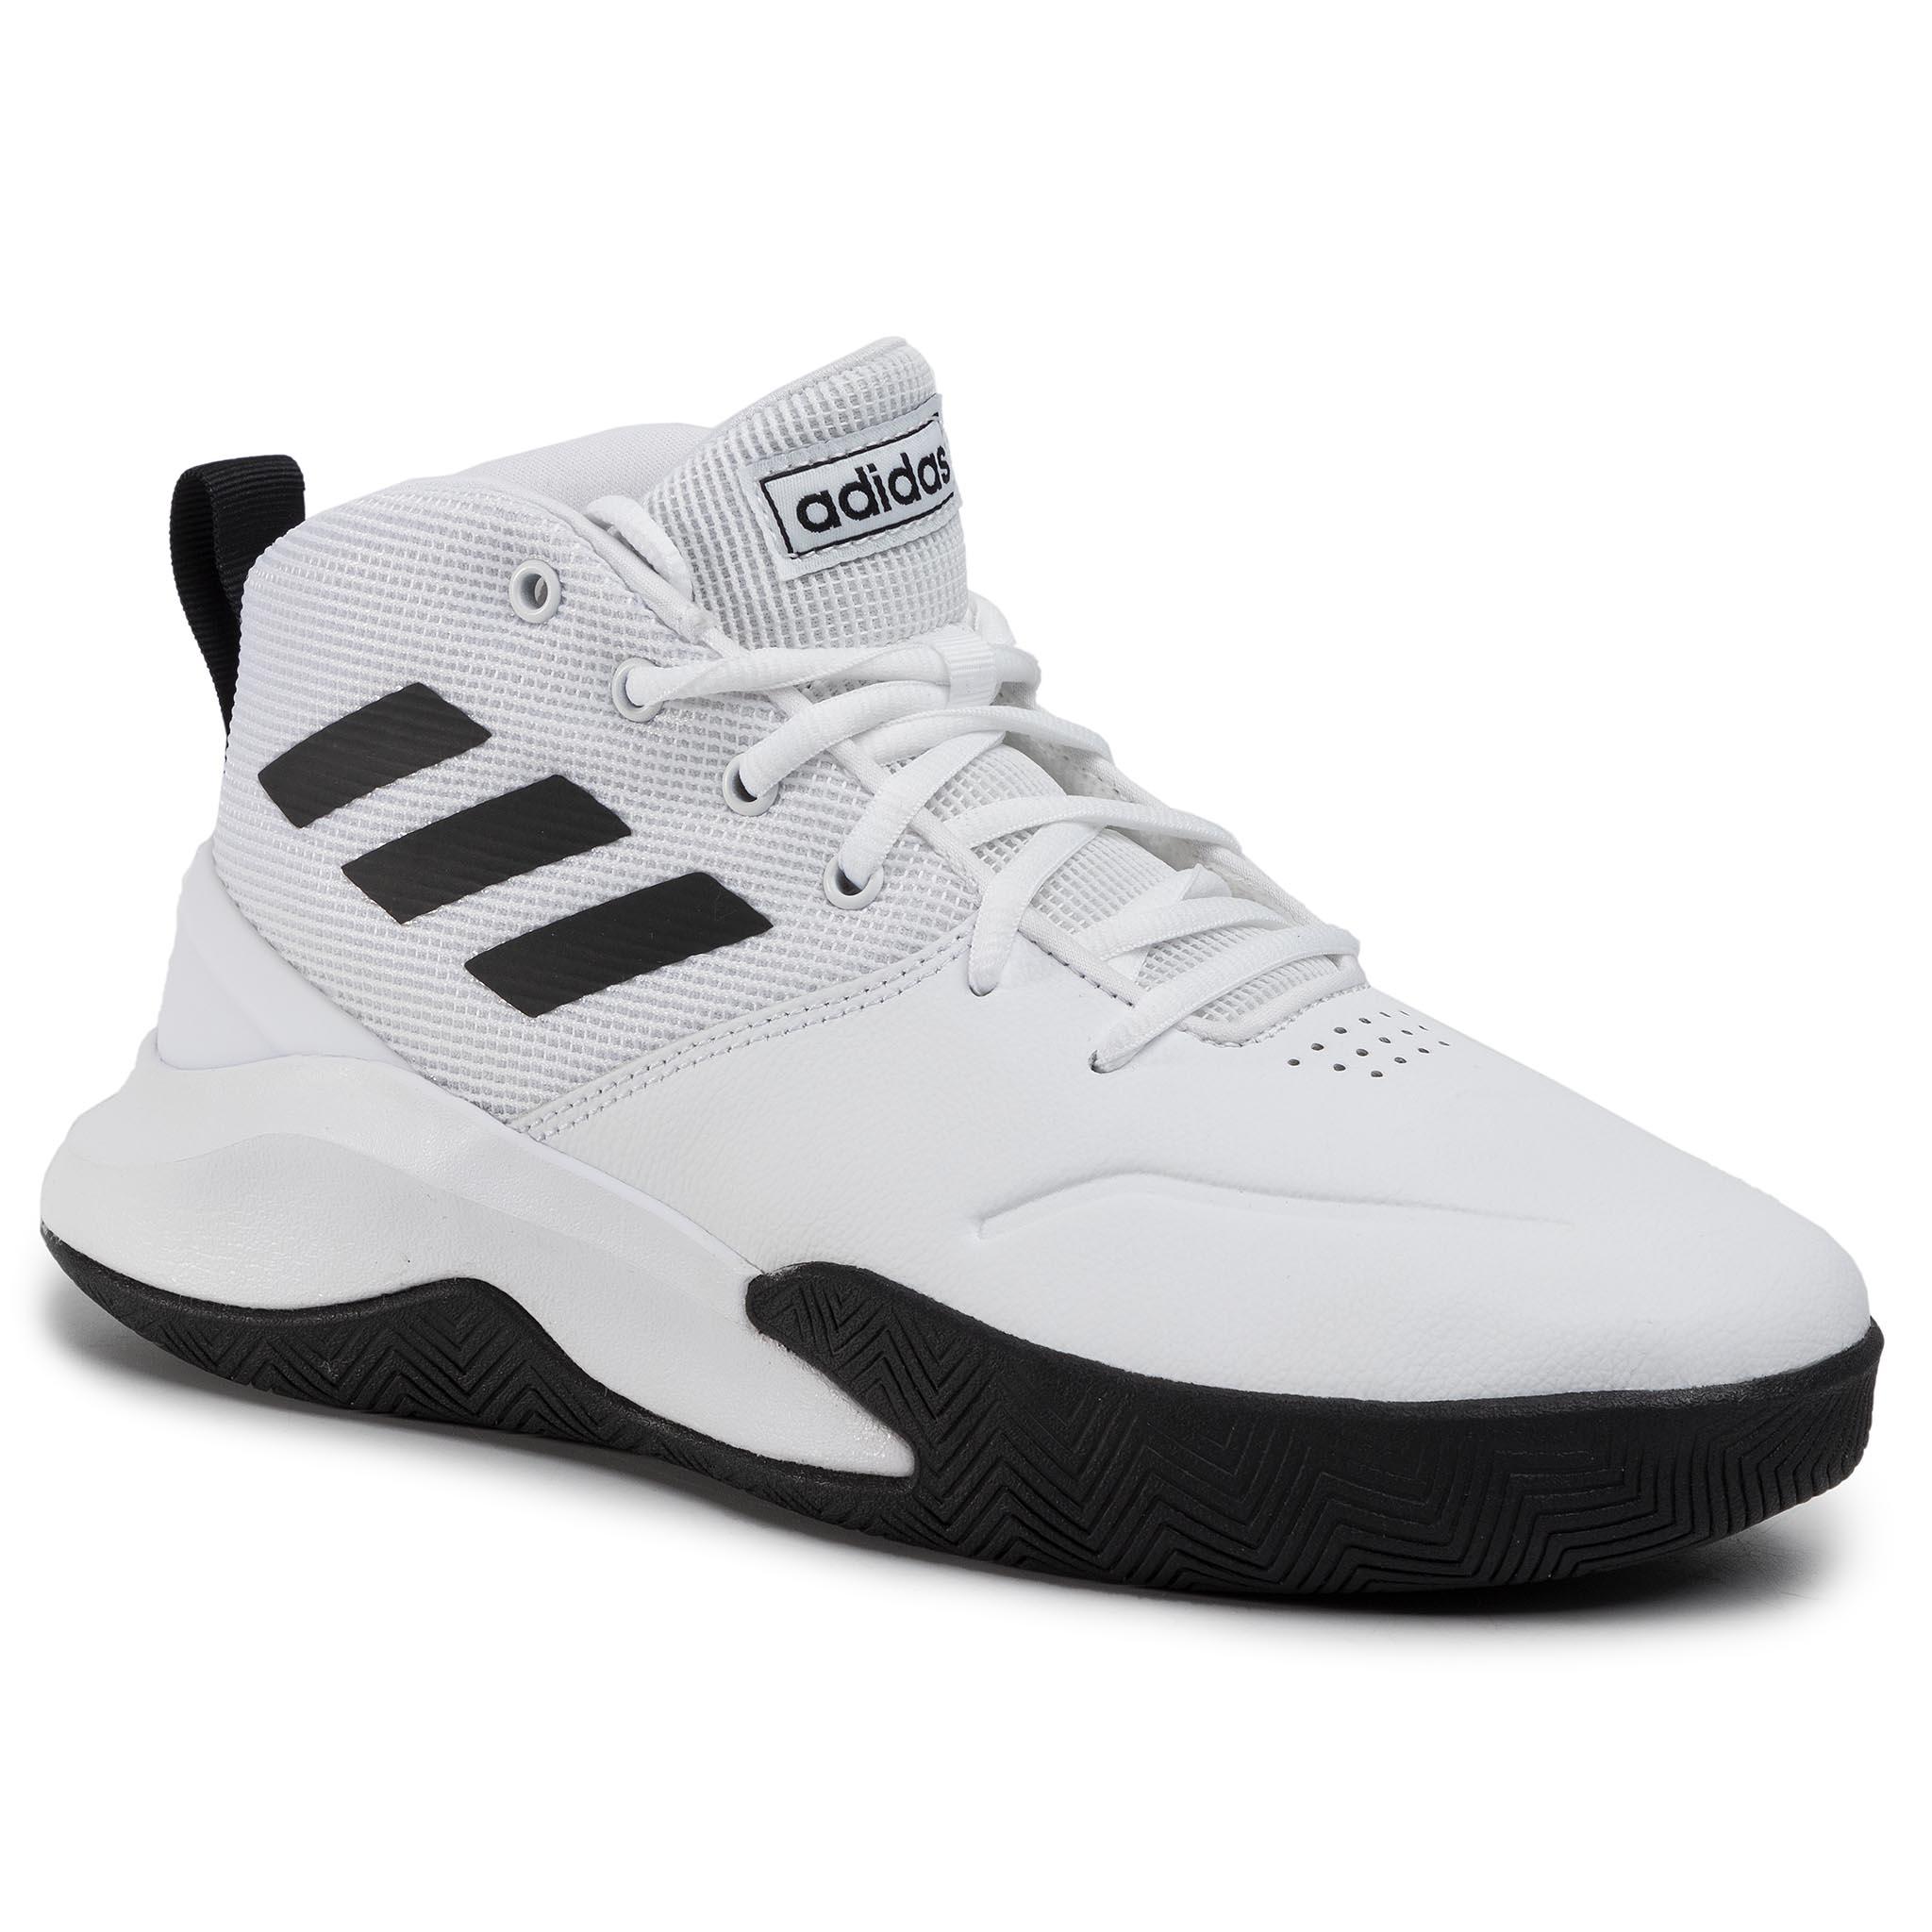 Image of Schuhe adidas - Ownethgame EE9631 Ftwwht/Cblack/Ftwwht